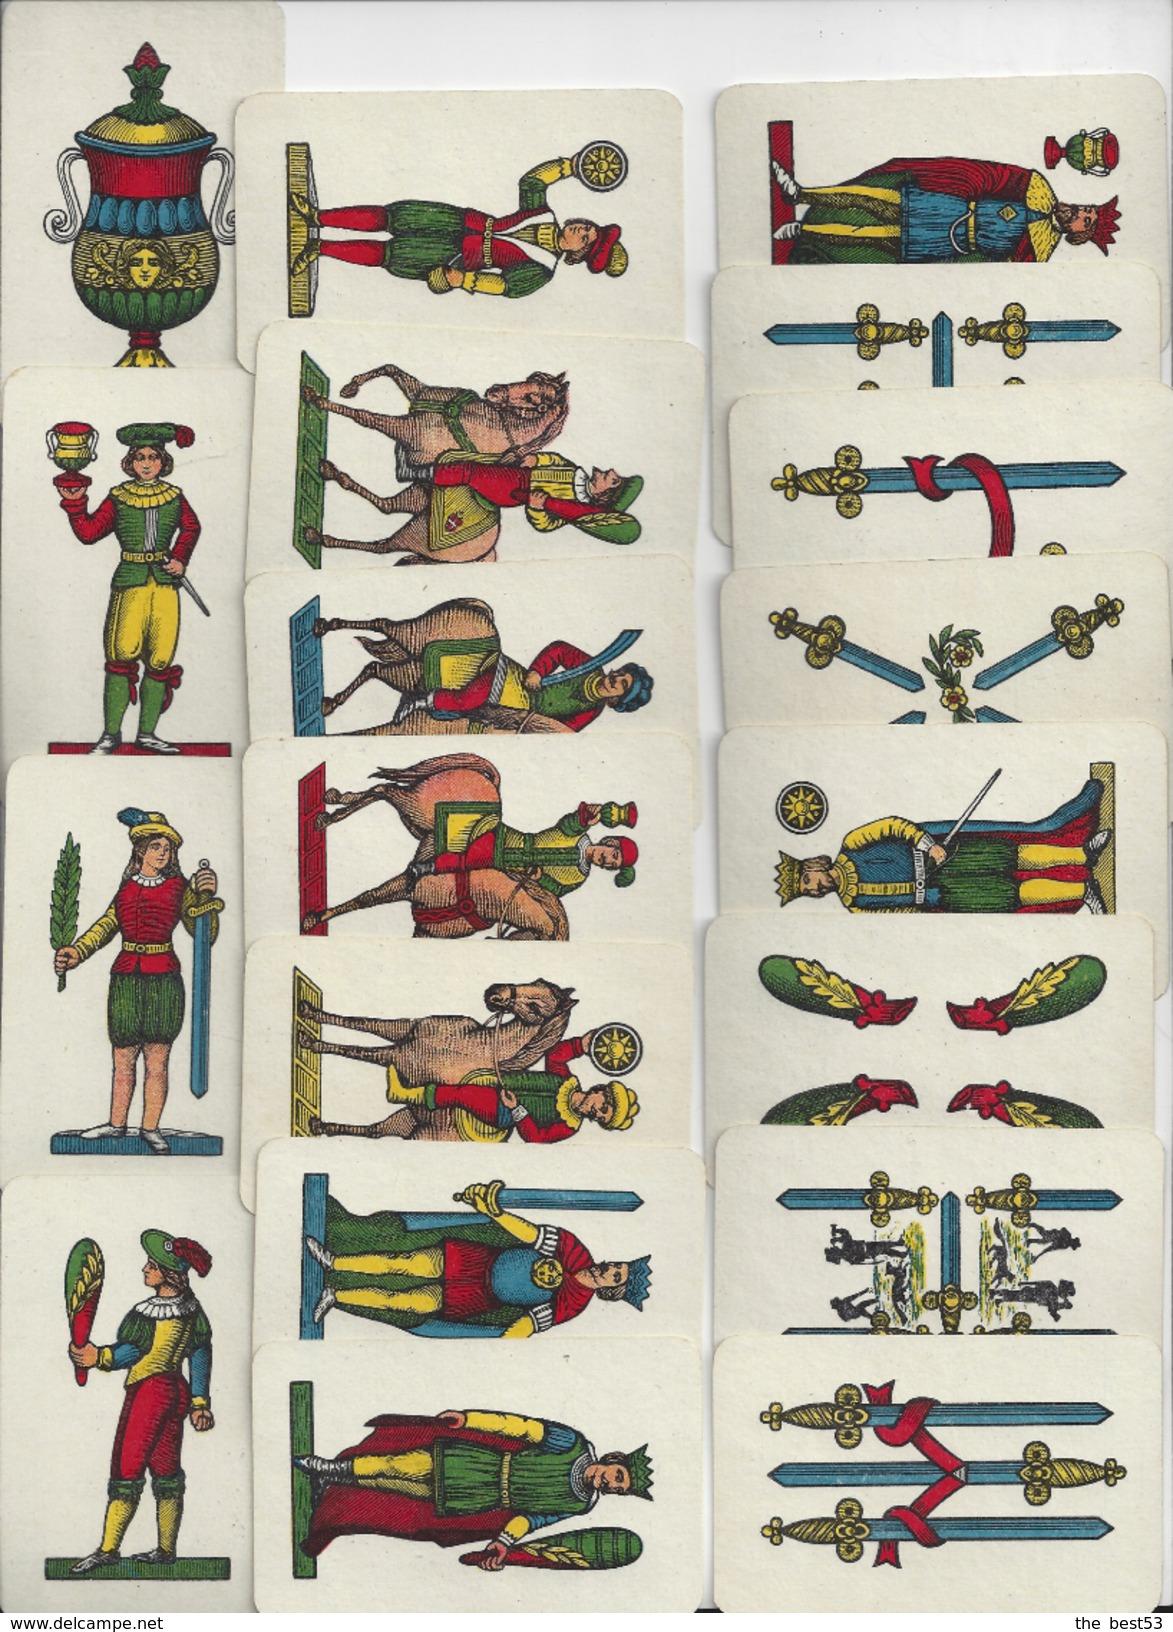 Jeux De Cartes  -  Napoletane N° 97  -  Modiano Trieste  1934 - Cartes à Jouer